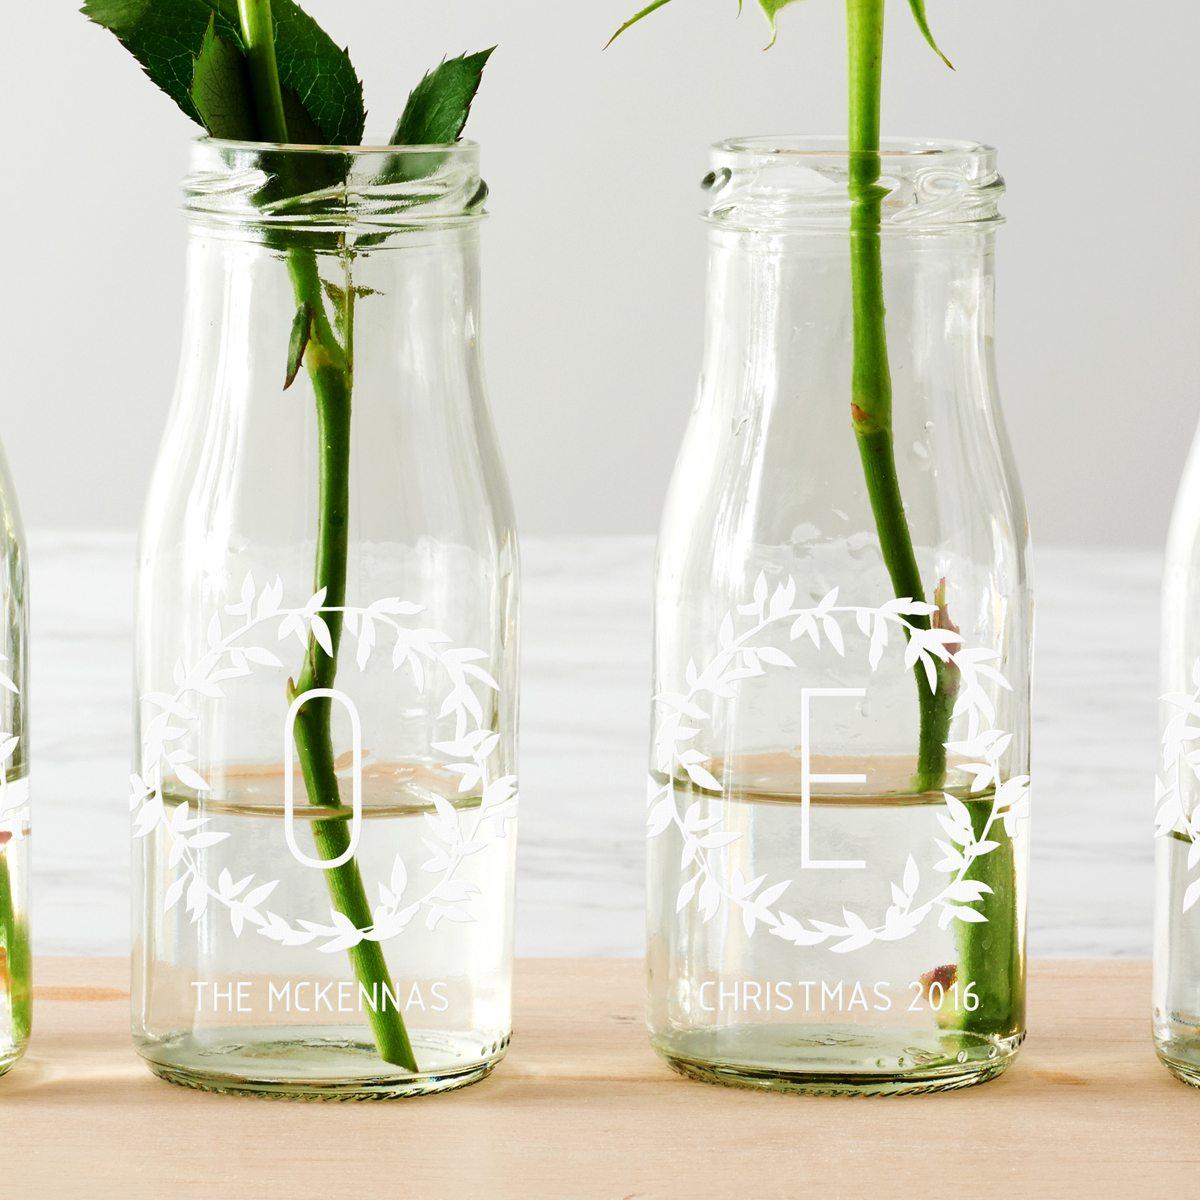 Personalised 'Noel' Bottle Bud Vases Cropped